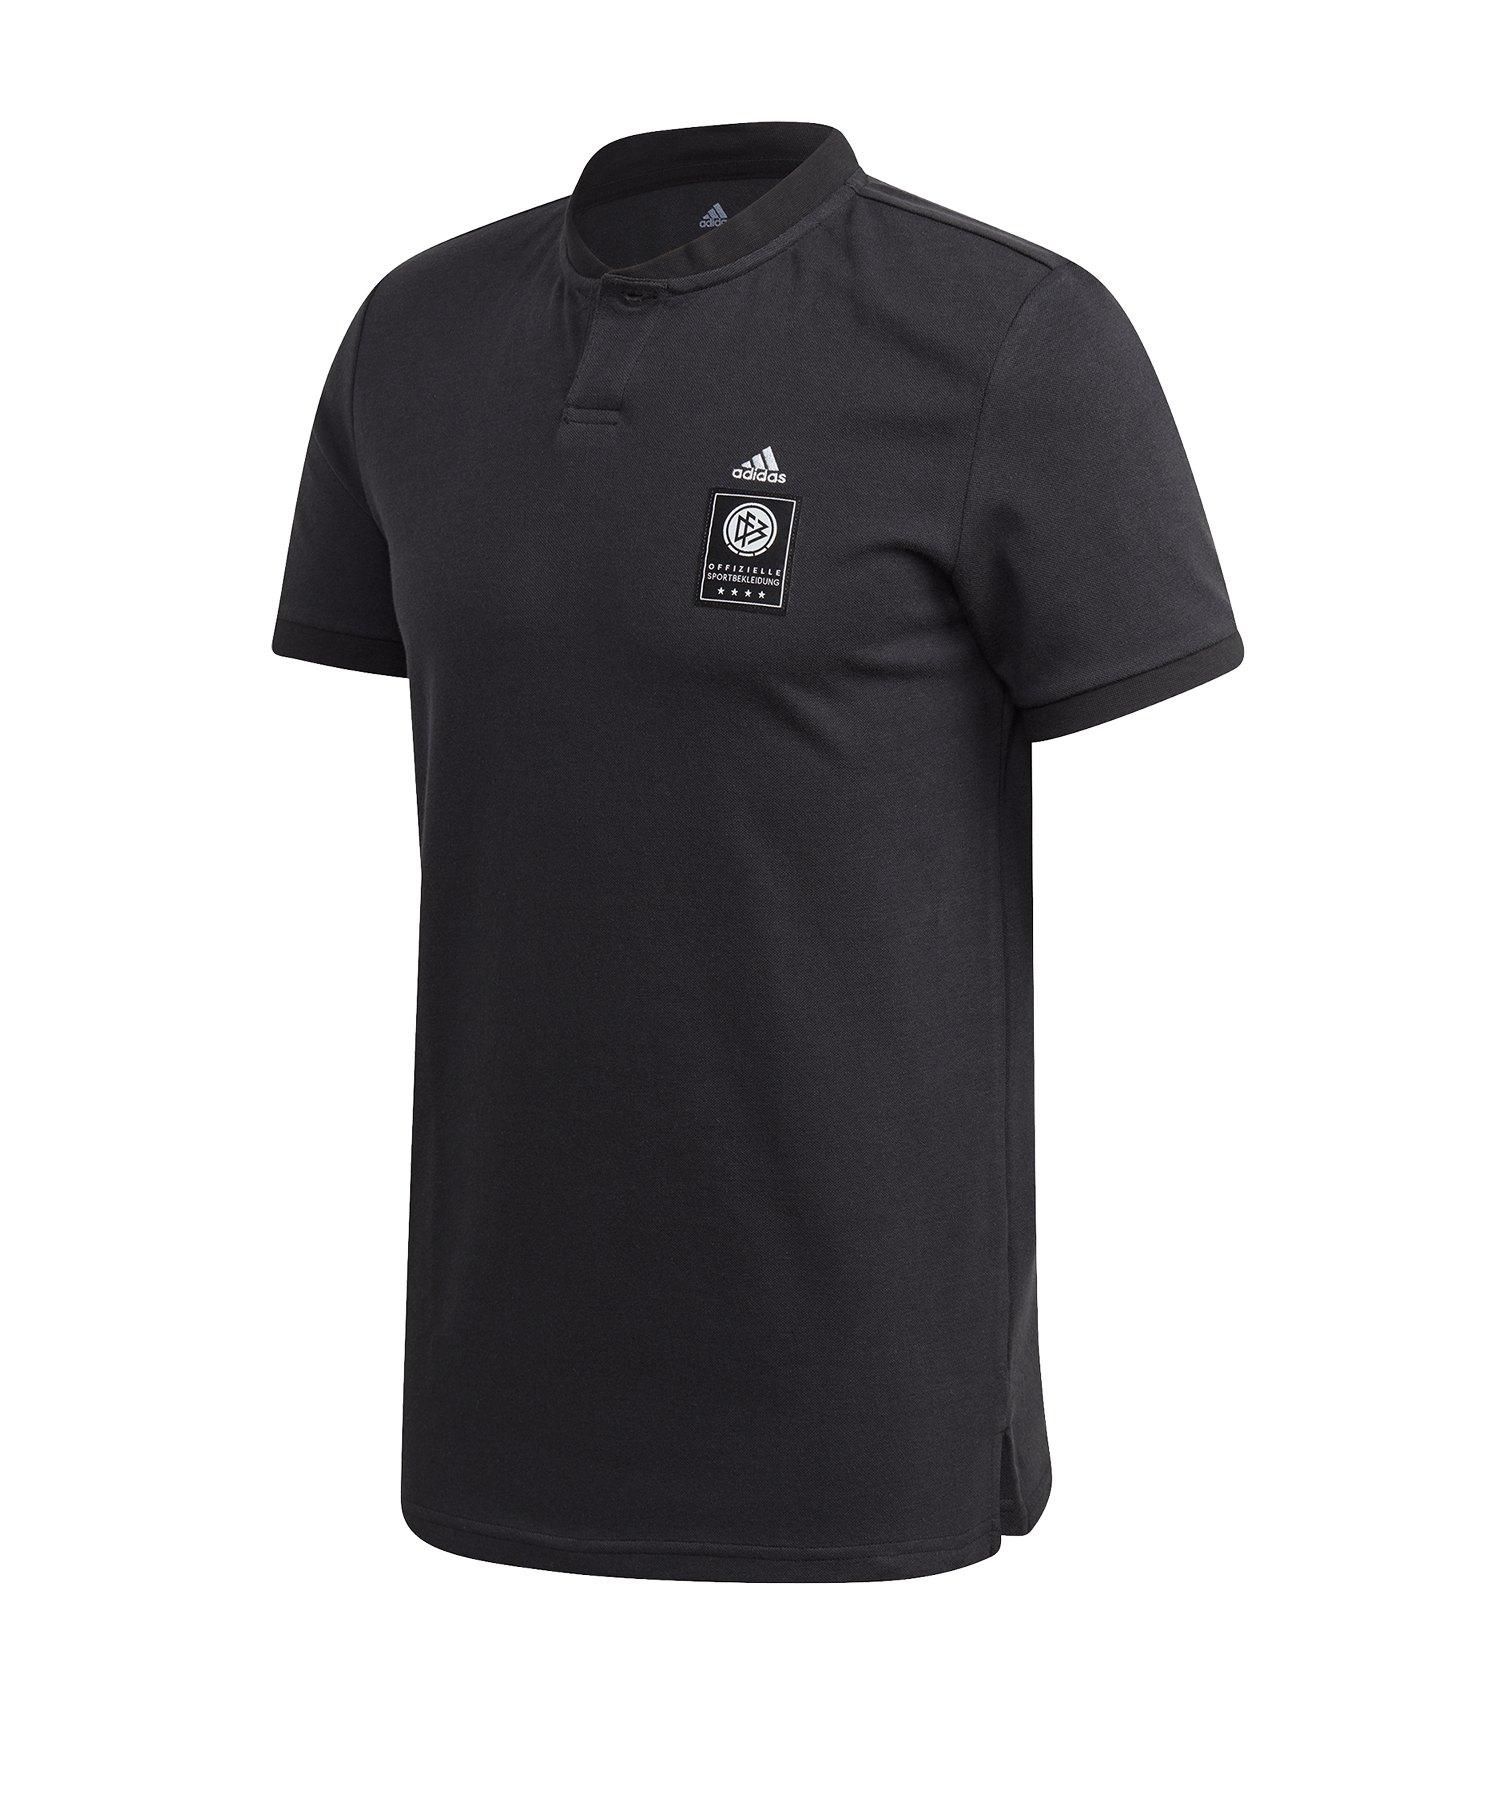 adidas DFB Deutschland Poloshirt Schwarz - schwarz